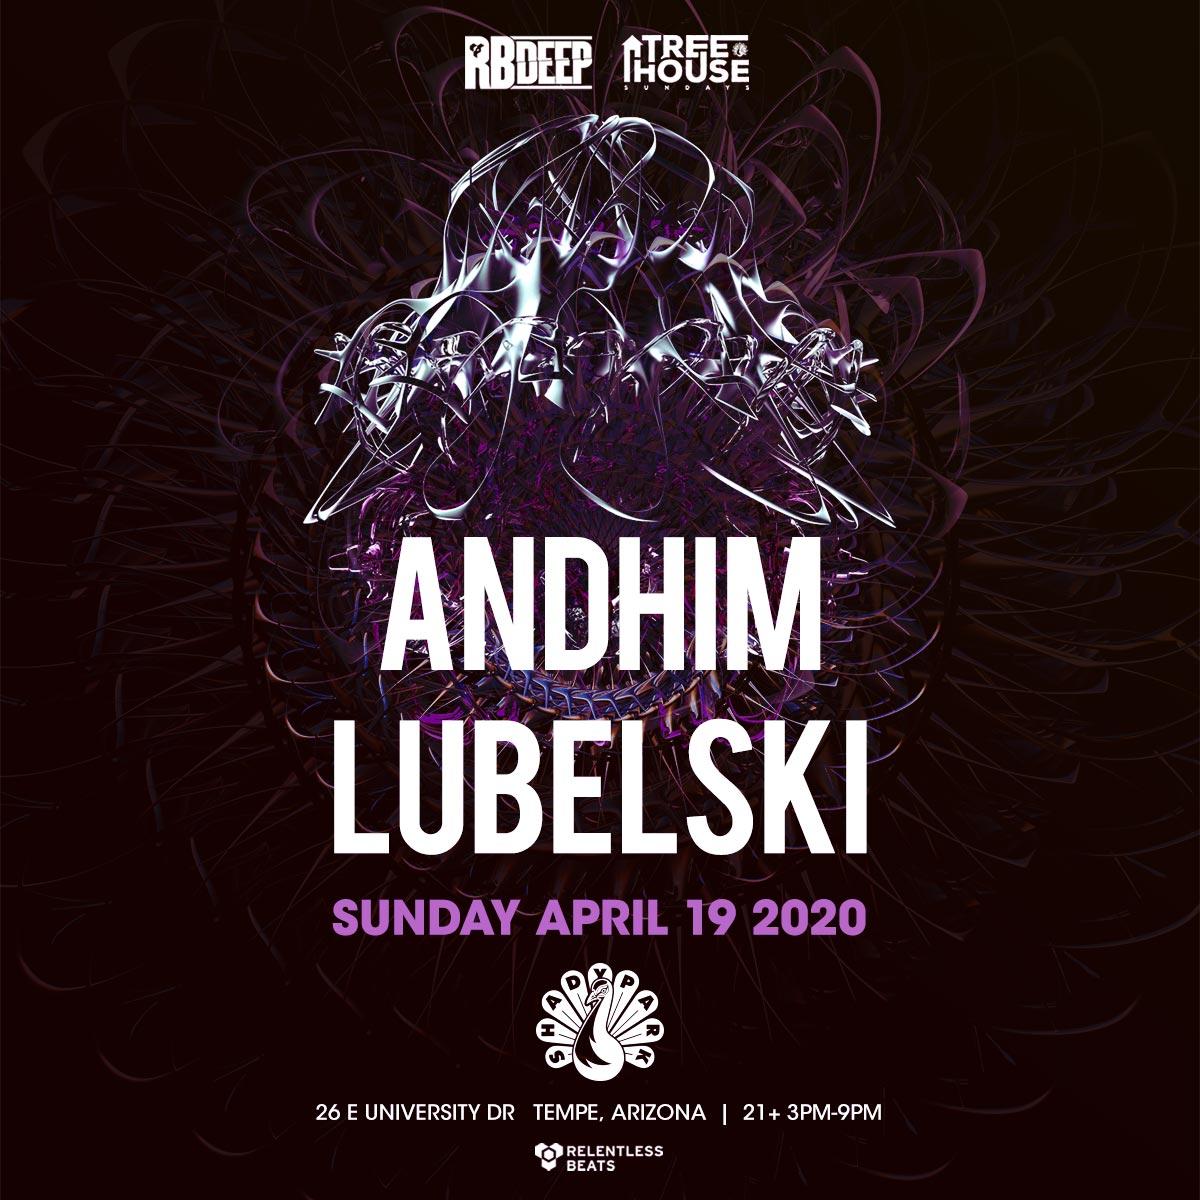 Flyer for Andhim + Lubelski